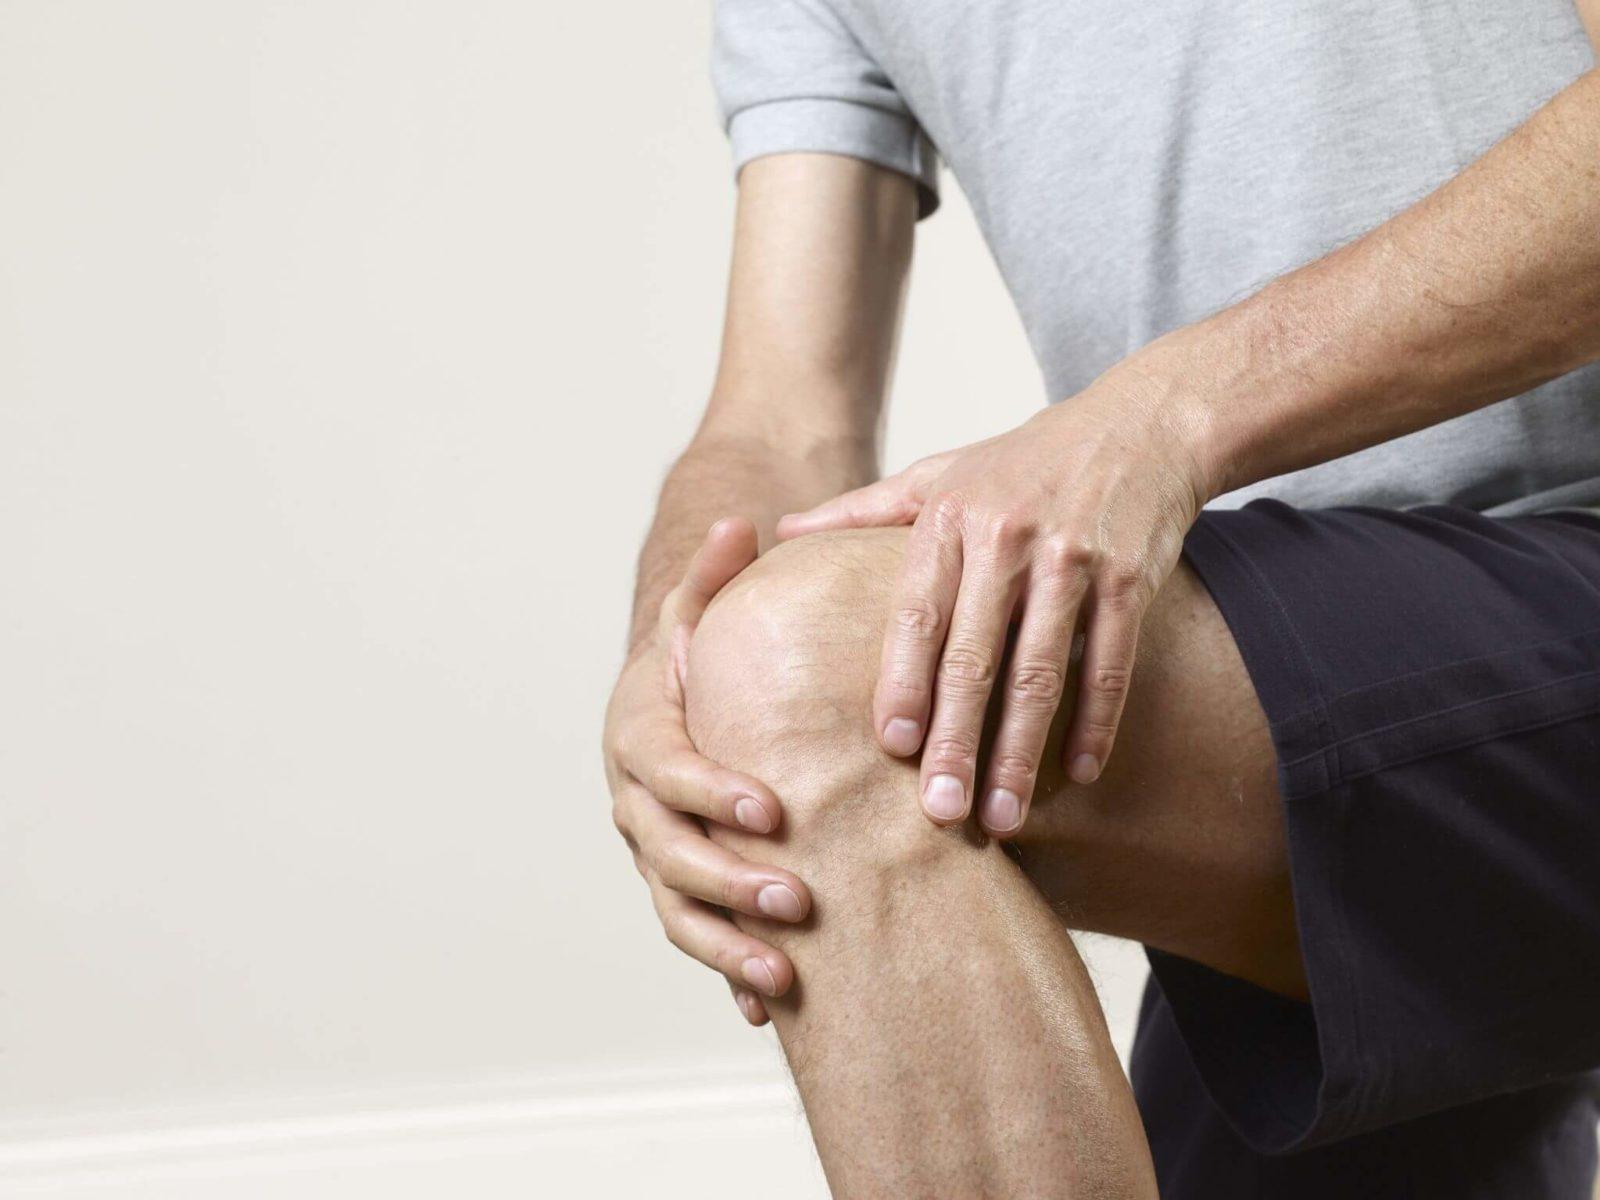 Нагрузка на колено